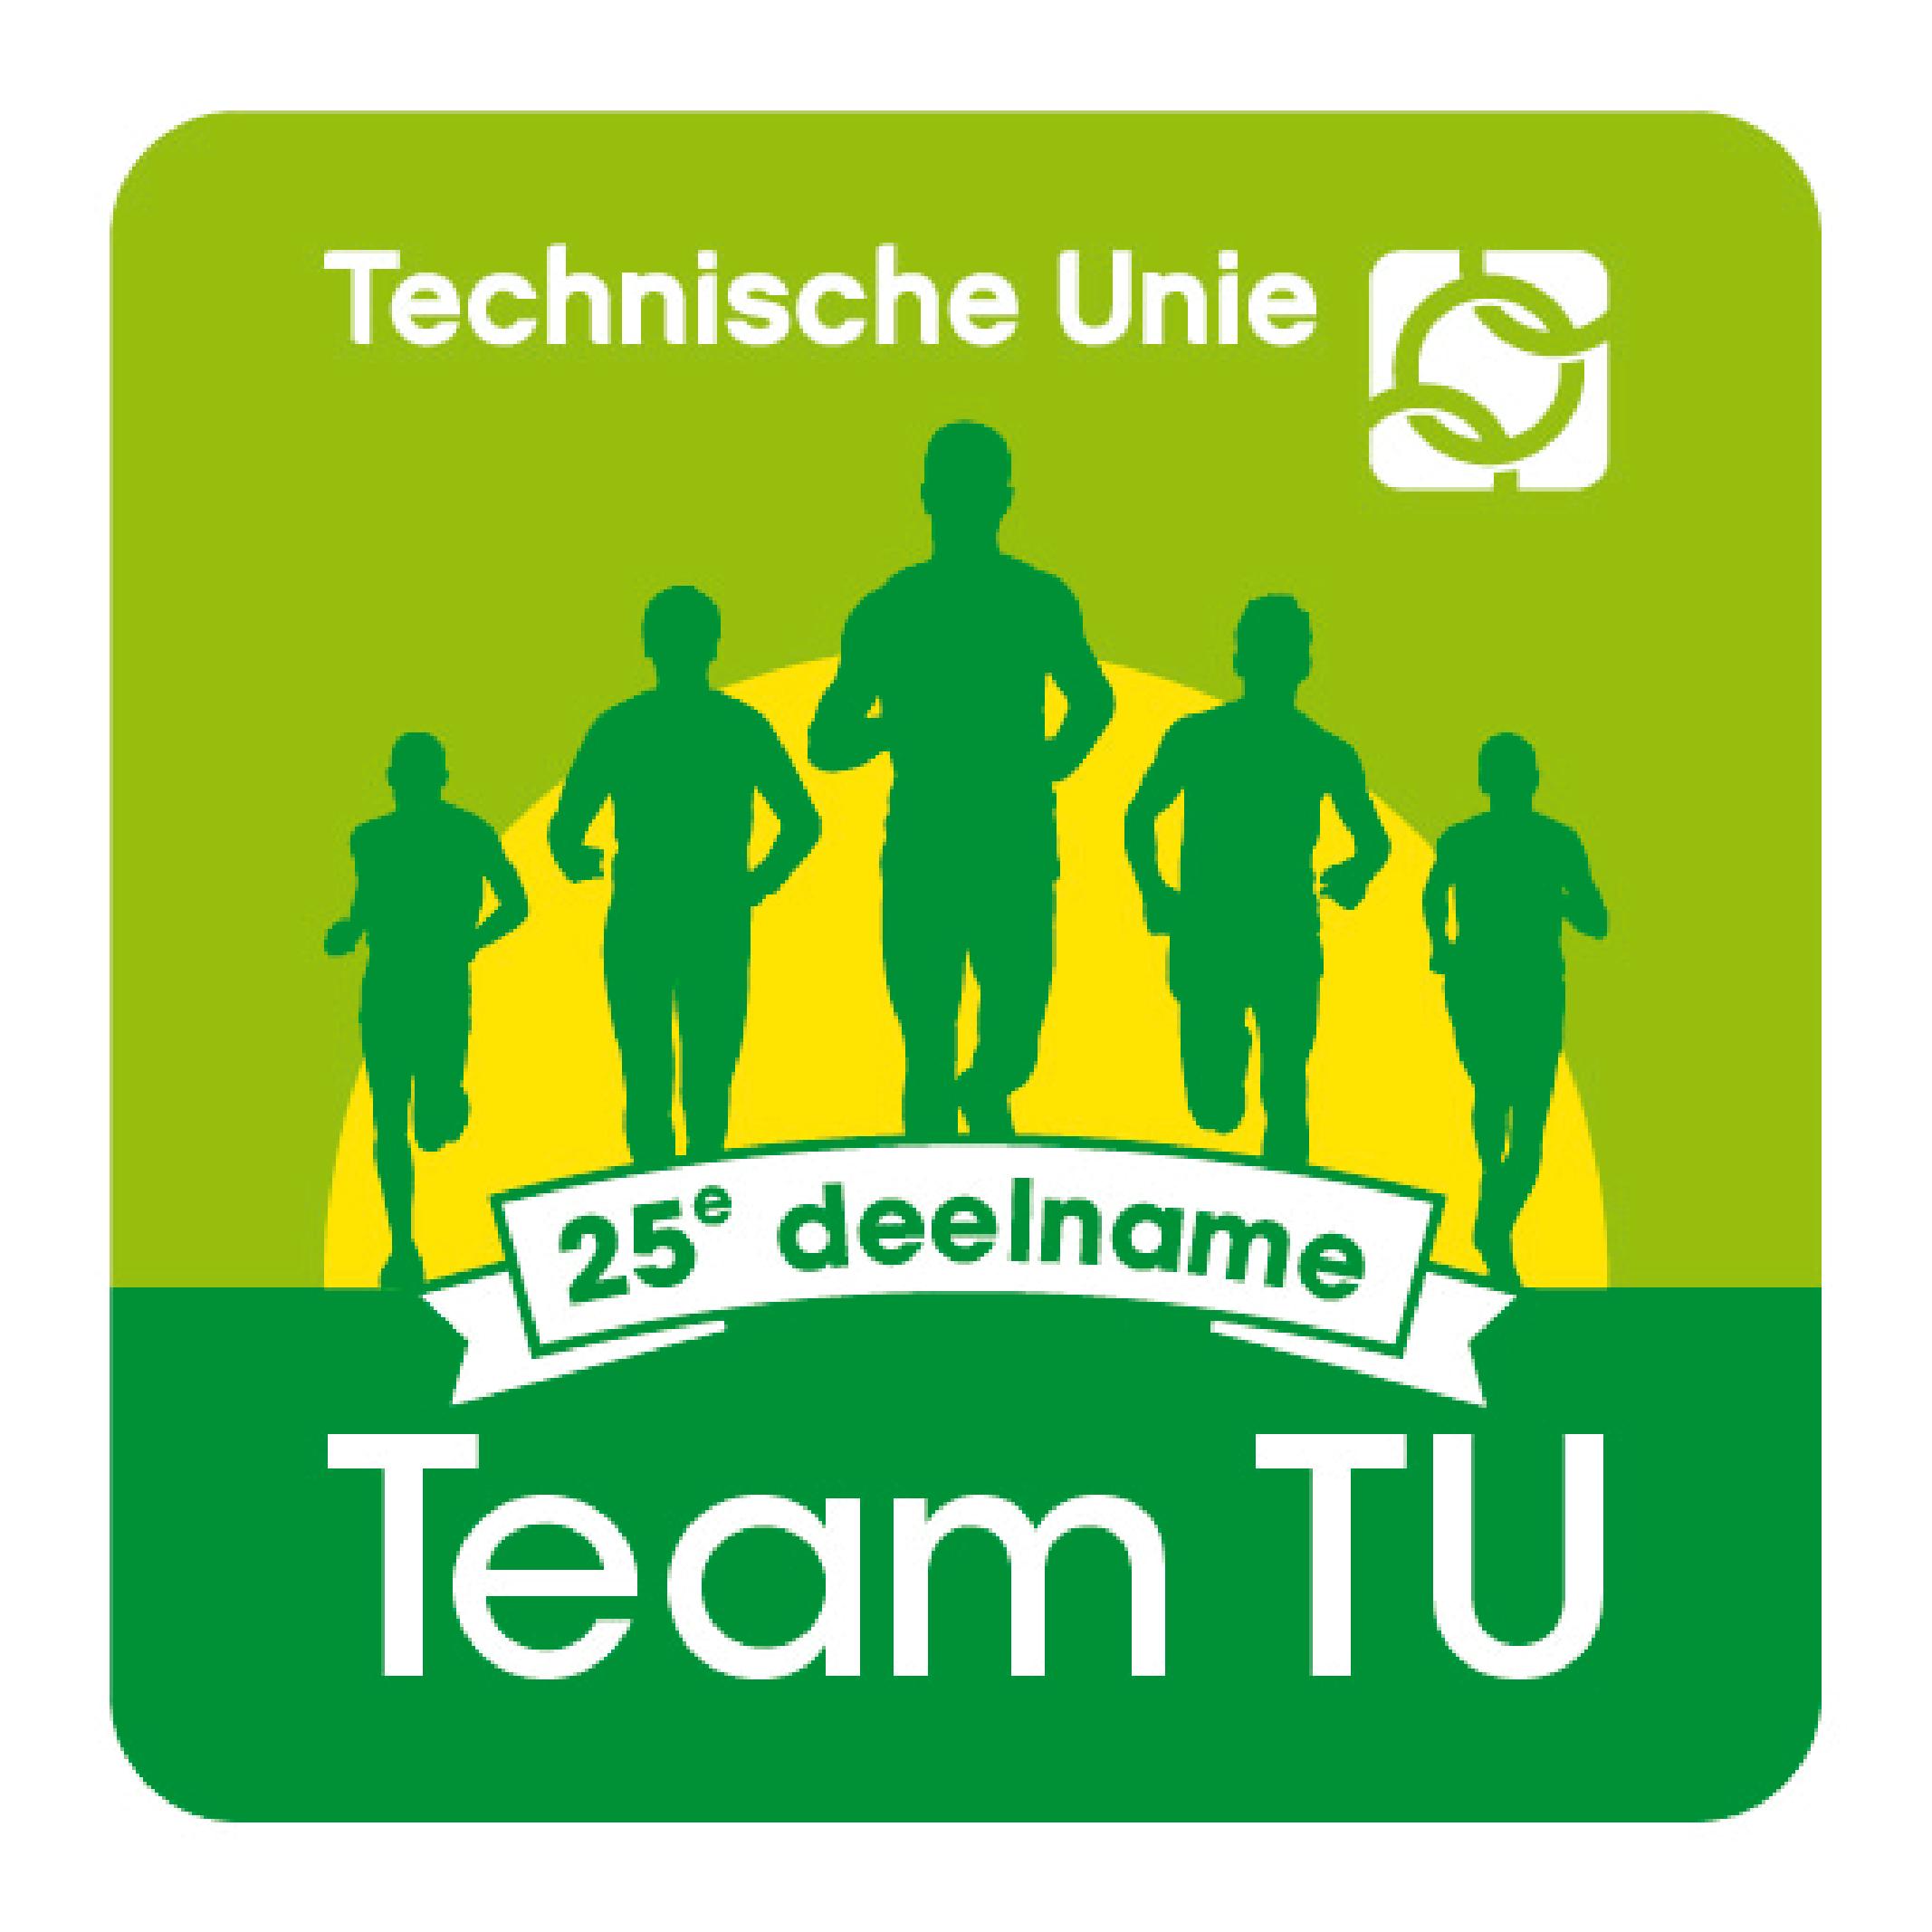 Team Technische Unie